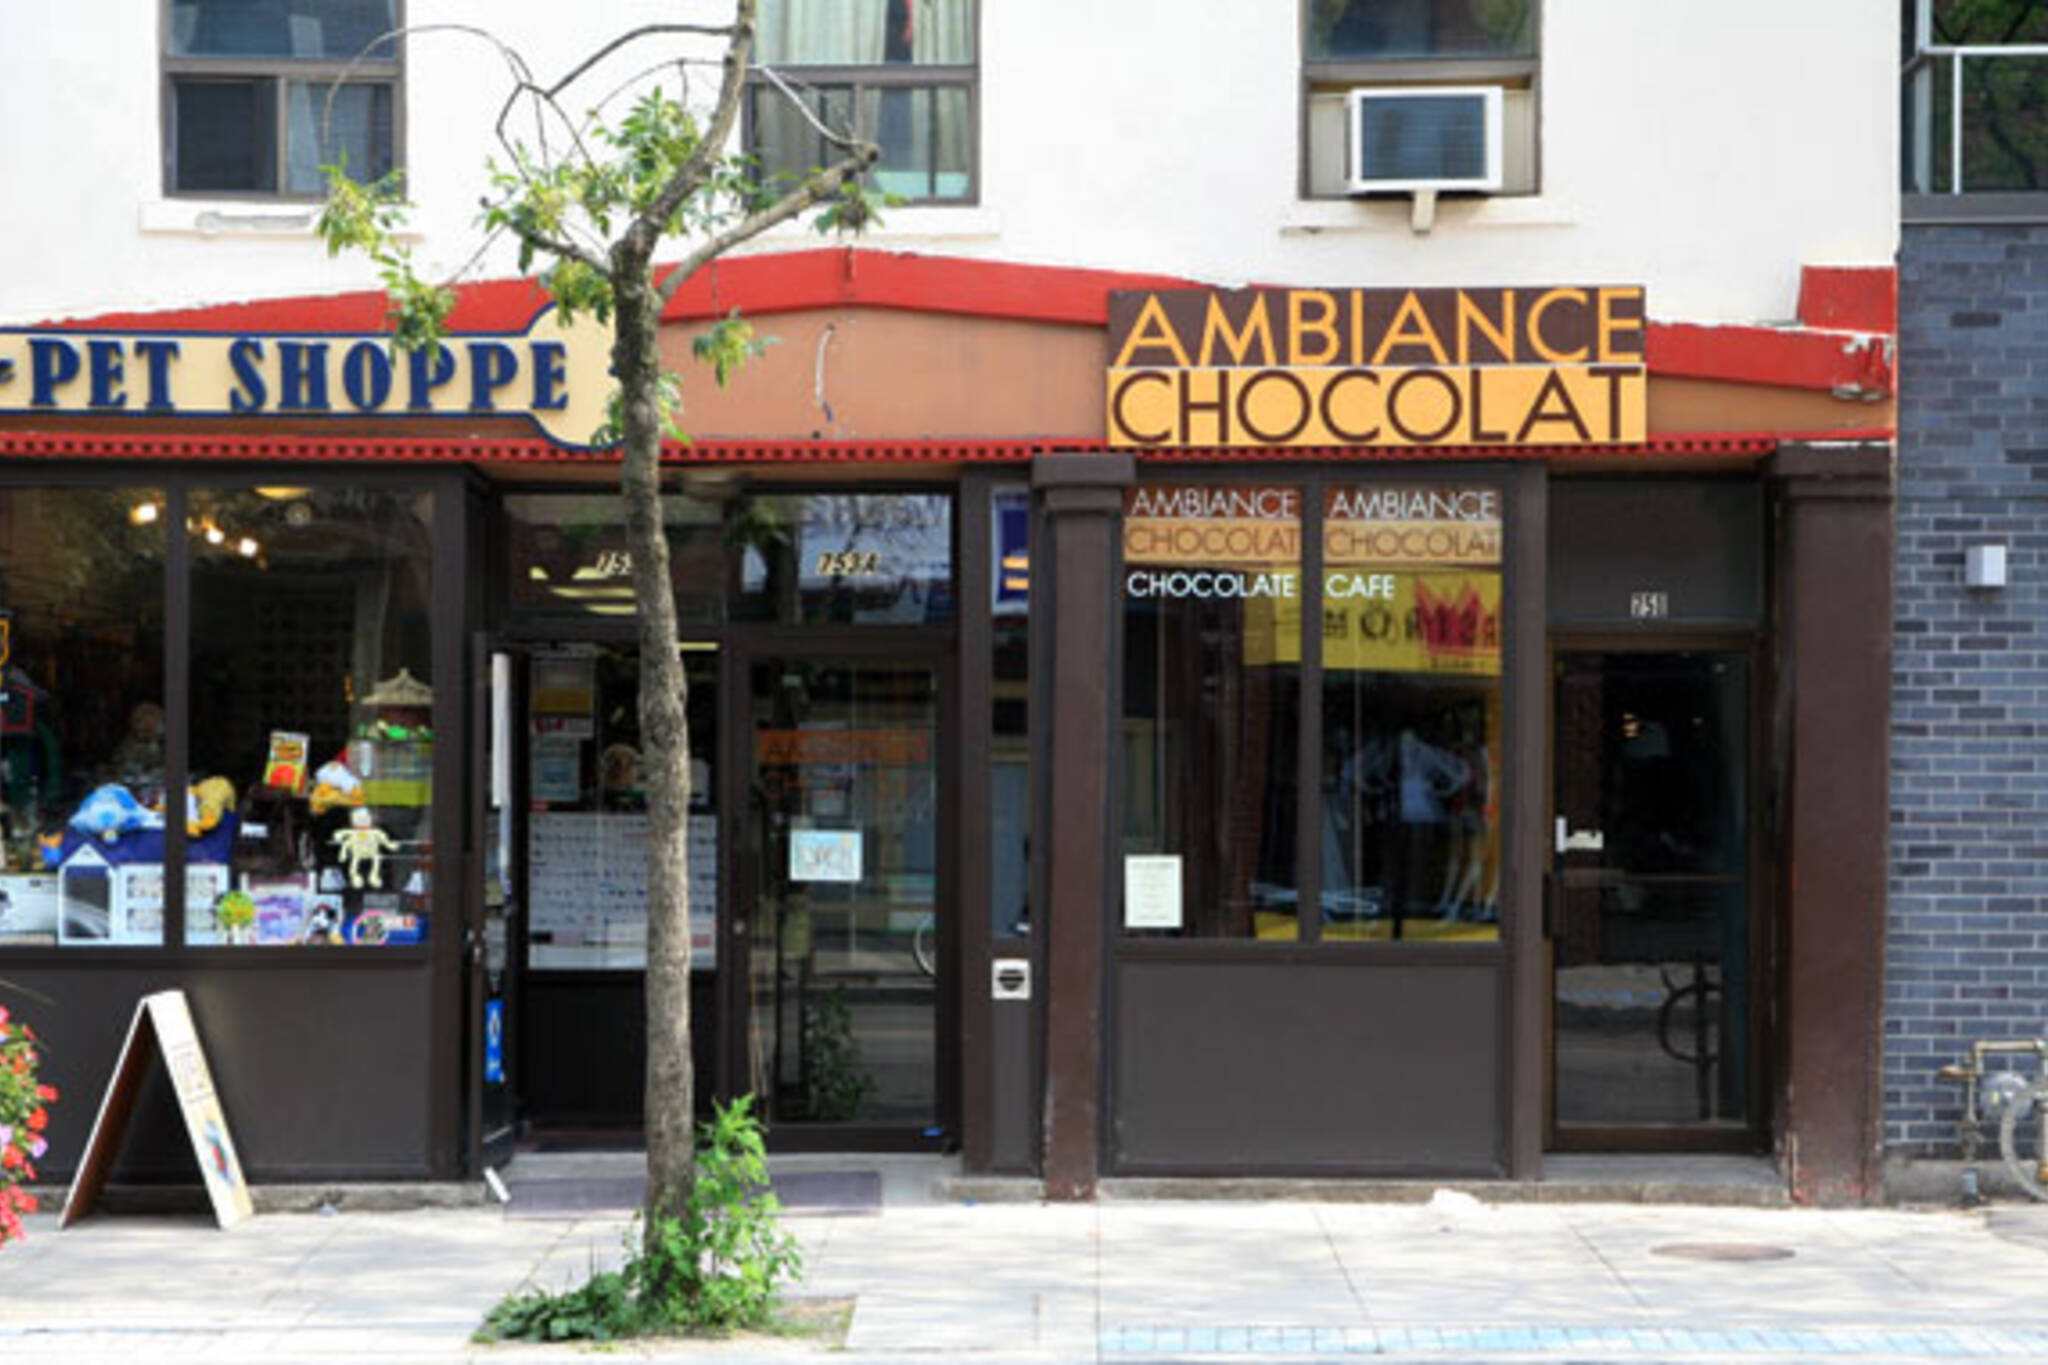 Ambiance Chocolat